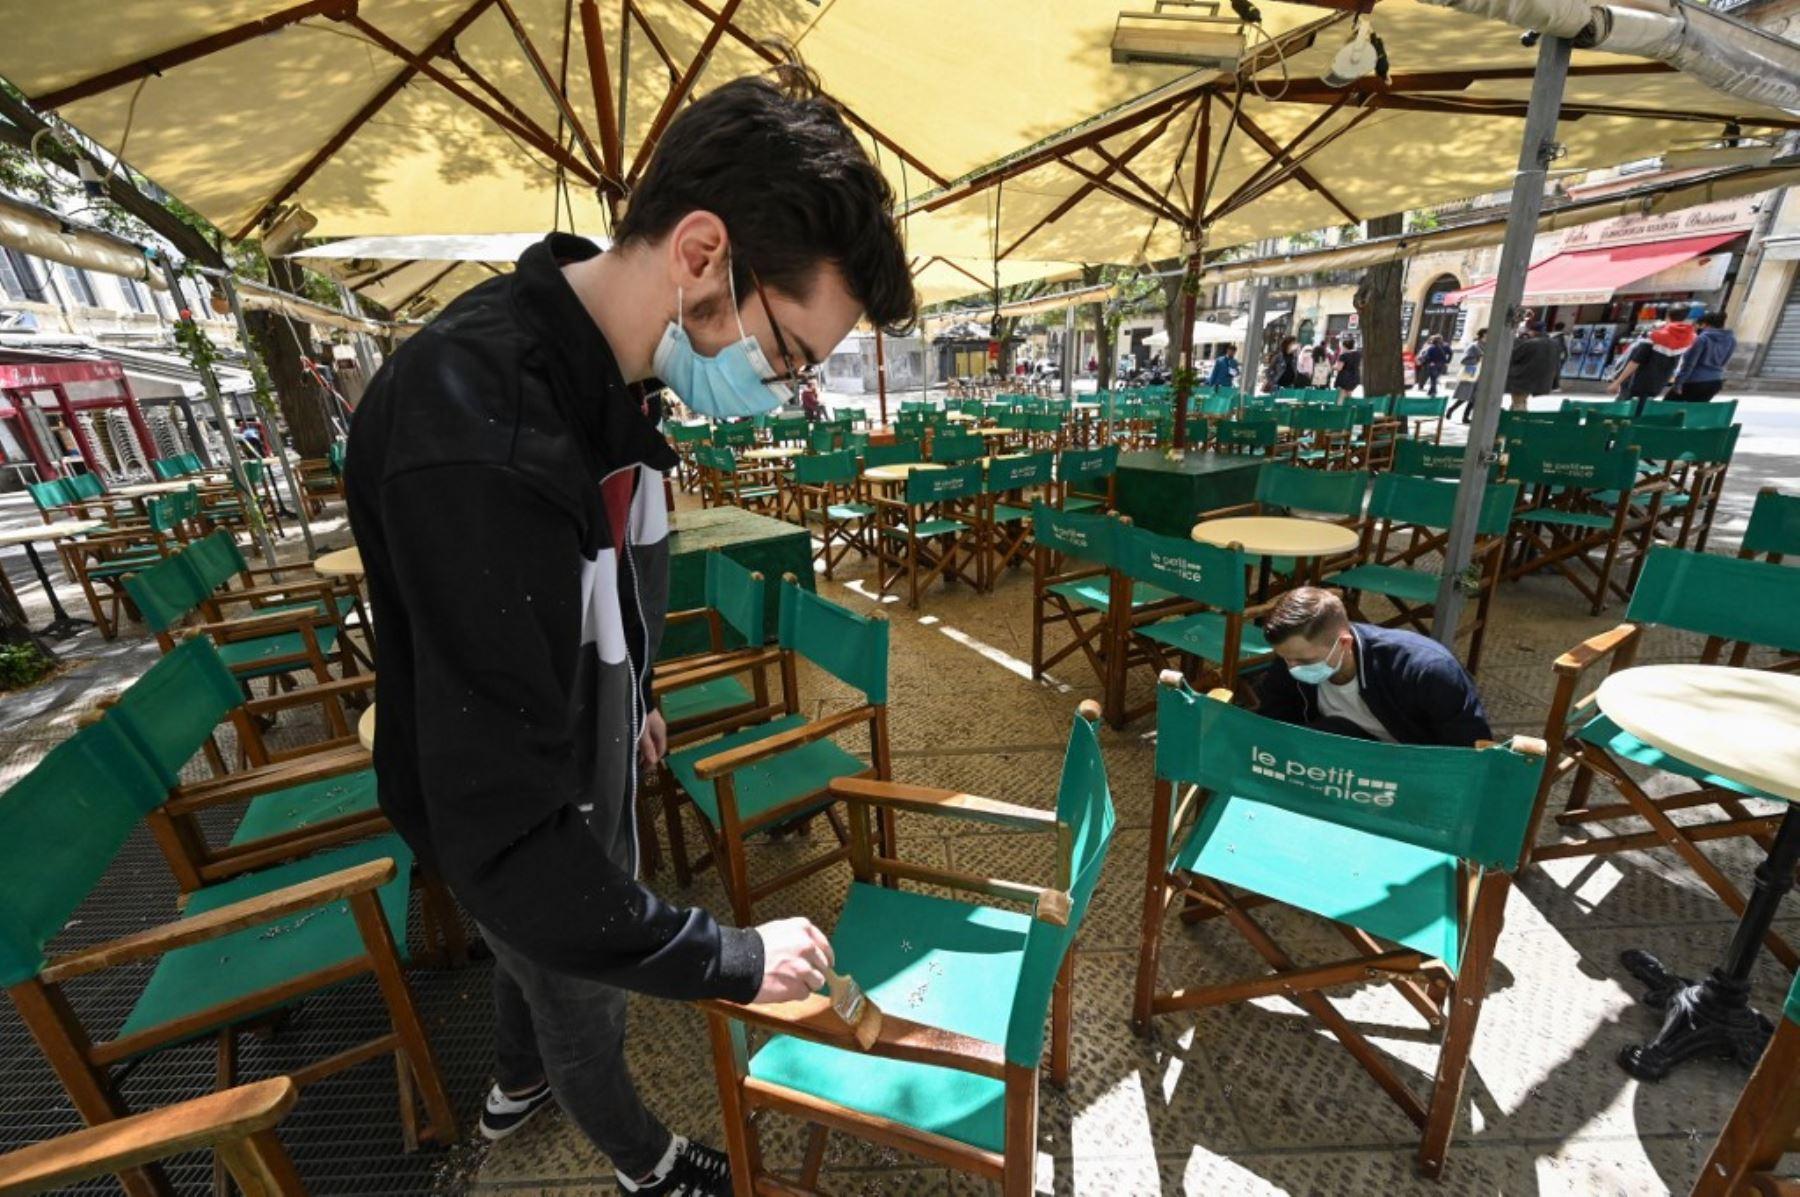 Dos hombres instalan la terraza de un restaurante en la ciudad de Montpellier, en el sur de Francia, el 17 de mayo de 2021, dos días antes de una reapertura enormemente anticipada de las terrazas de los restaurantes, parte de un alivio del cierre nacional. Foto: AFP